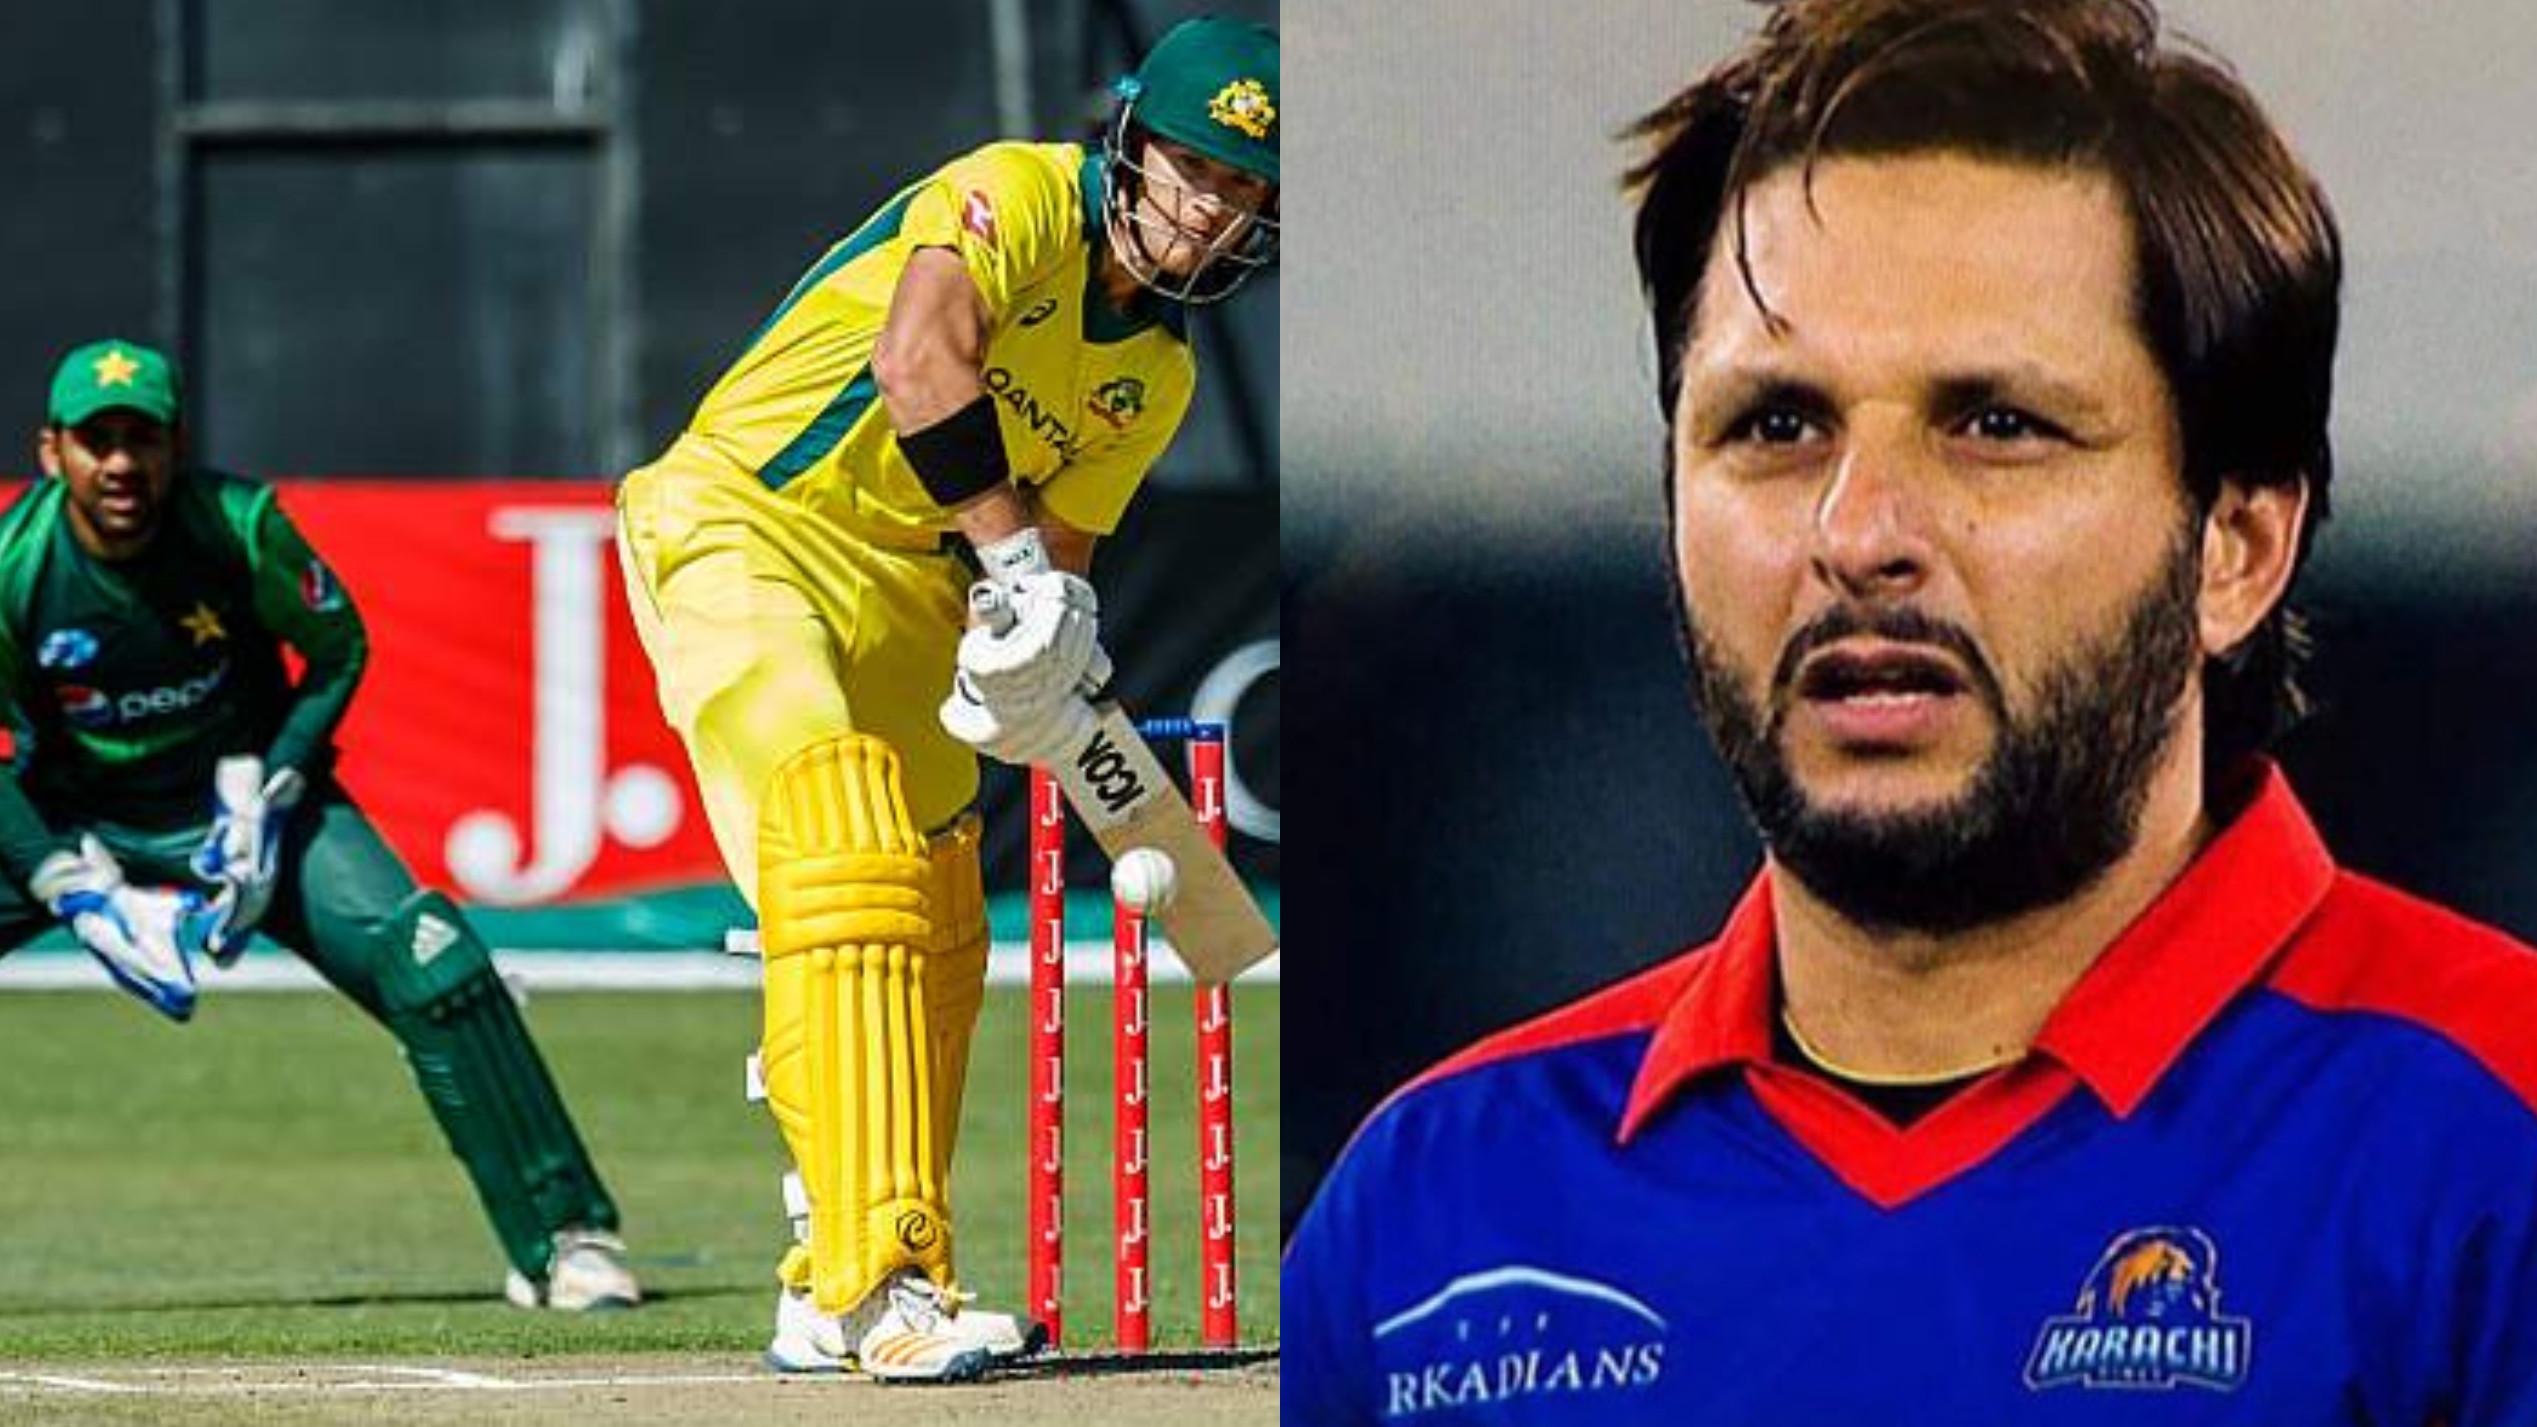 PAK v AUS 2018 : शाहिद अफरीदी पहले T20 मैच में ऑस्ट्रेलियाई टीम के पतन को देख हुए भौचक्के